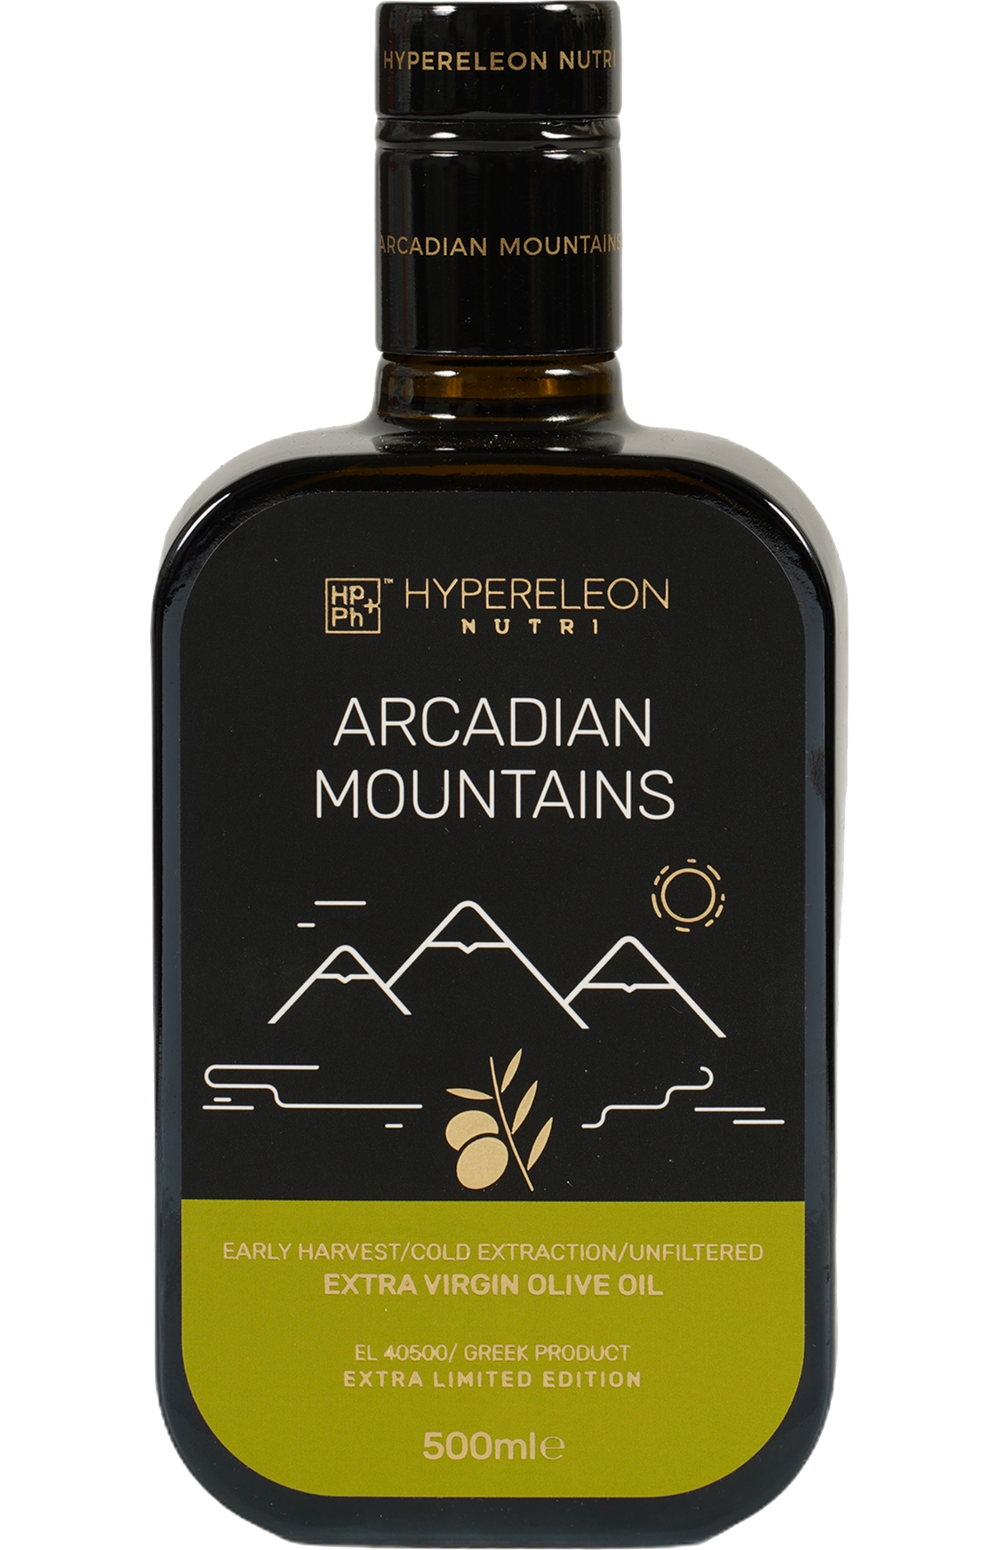 Hypereleon Nutri- Arcadian Mountains